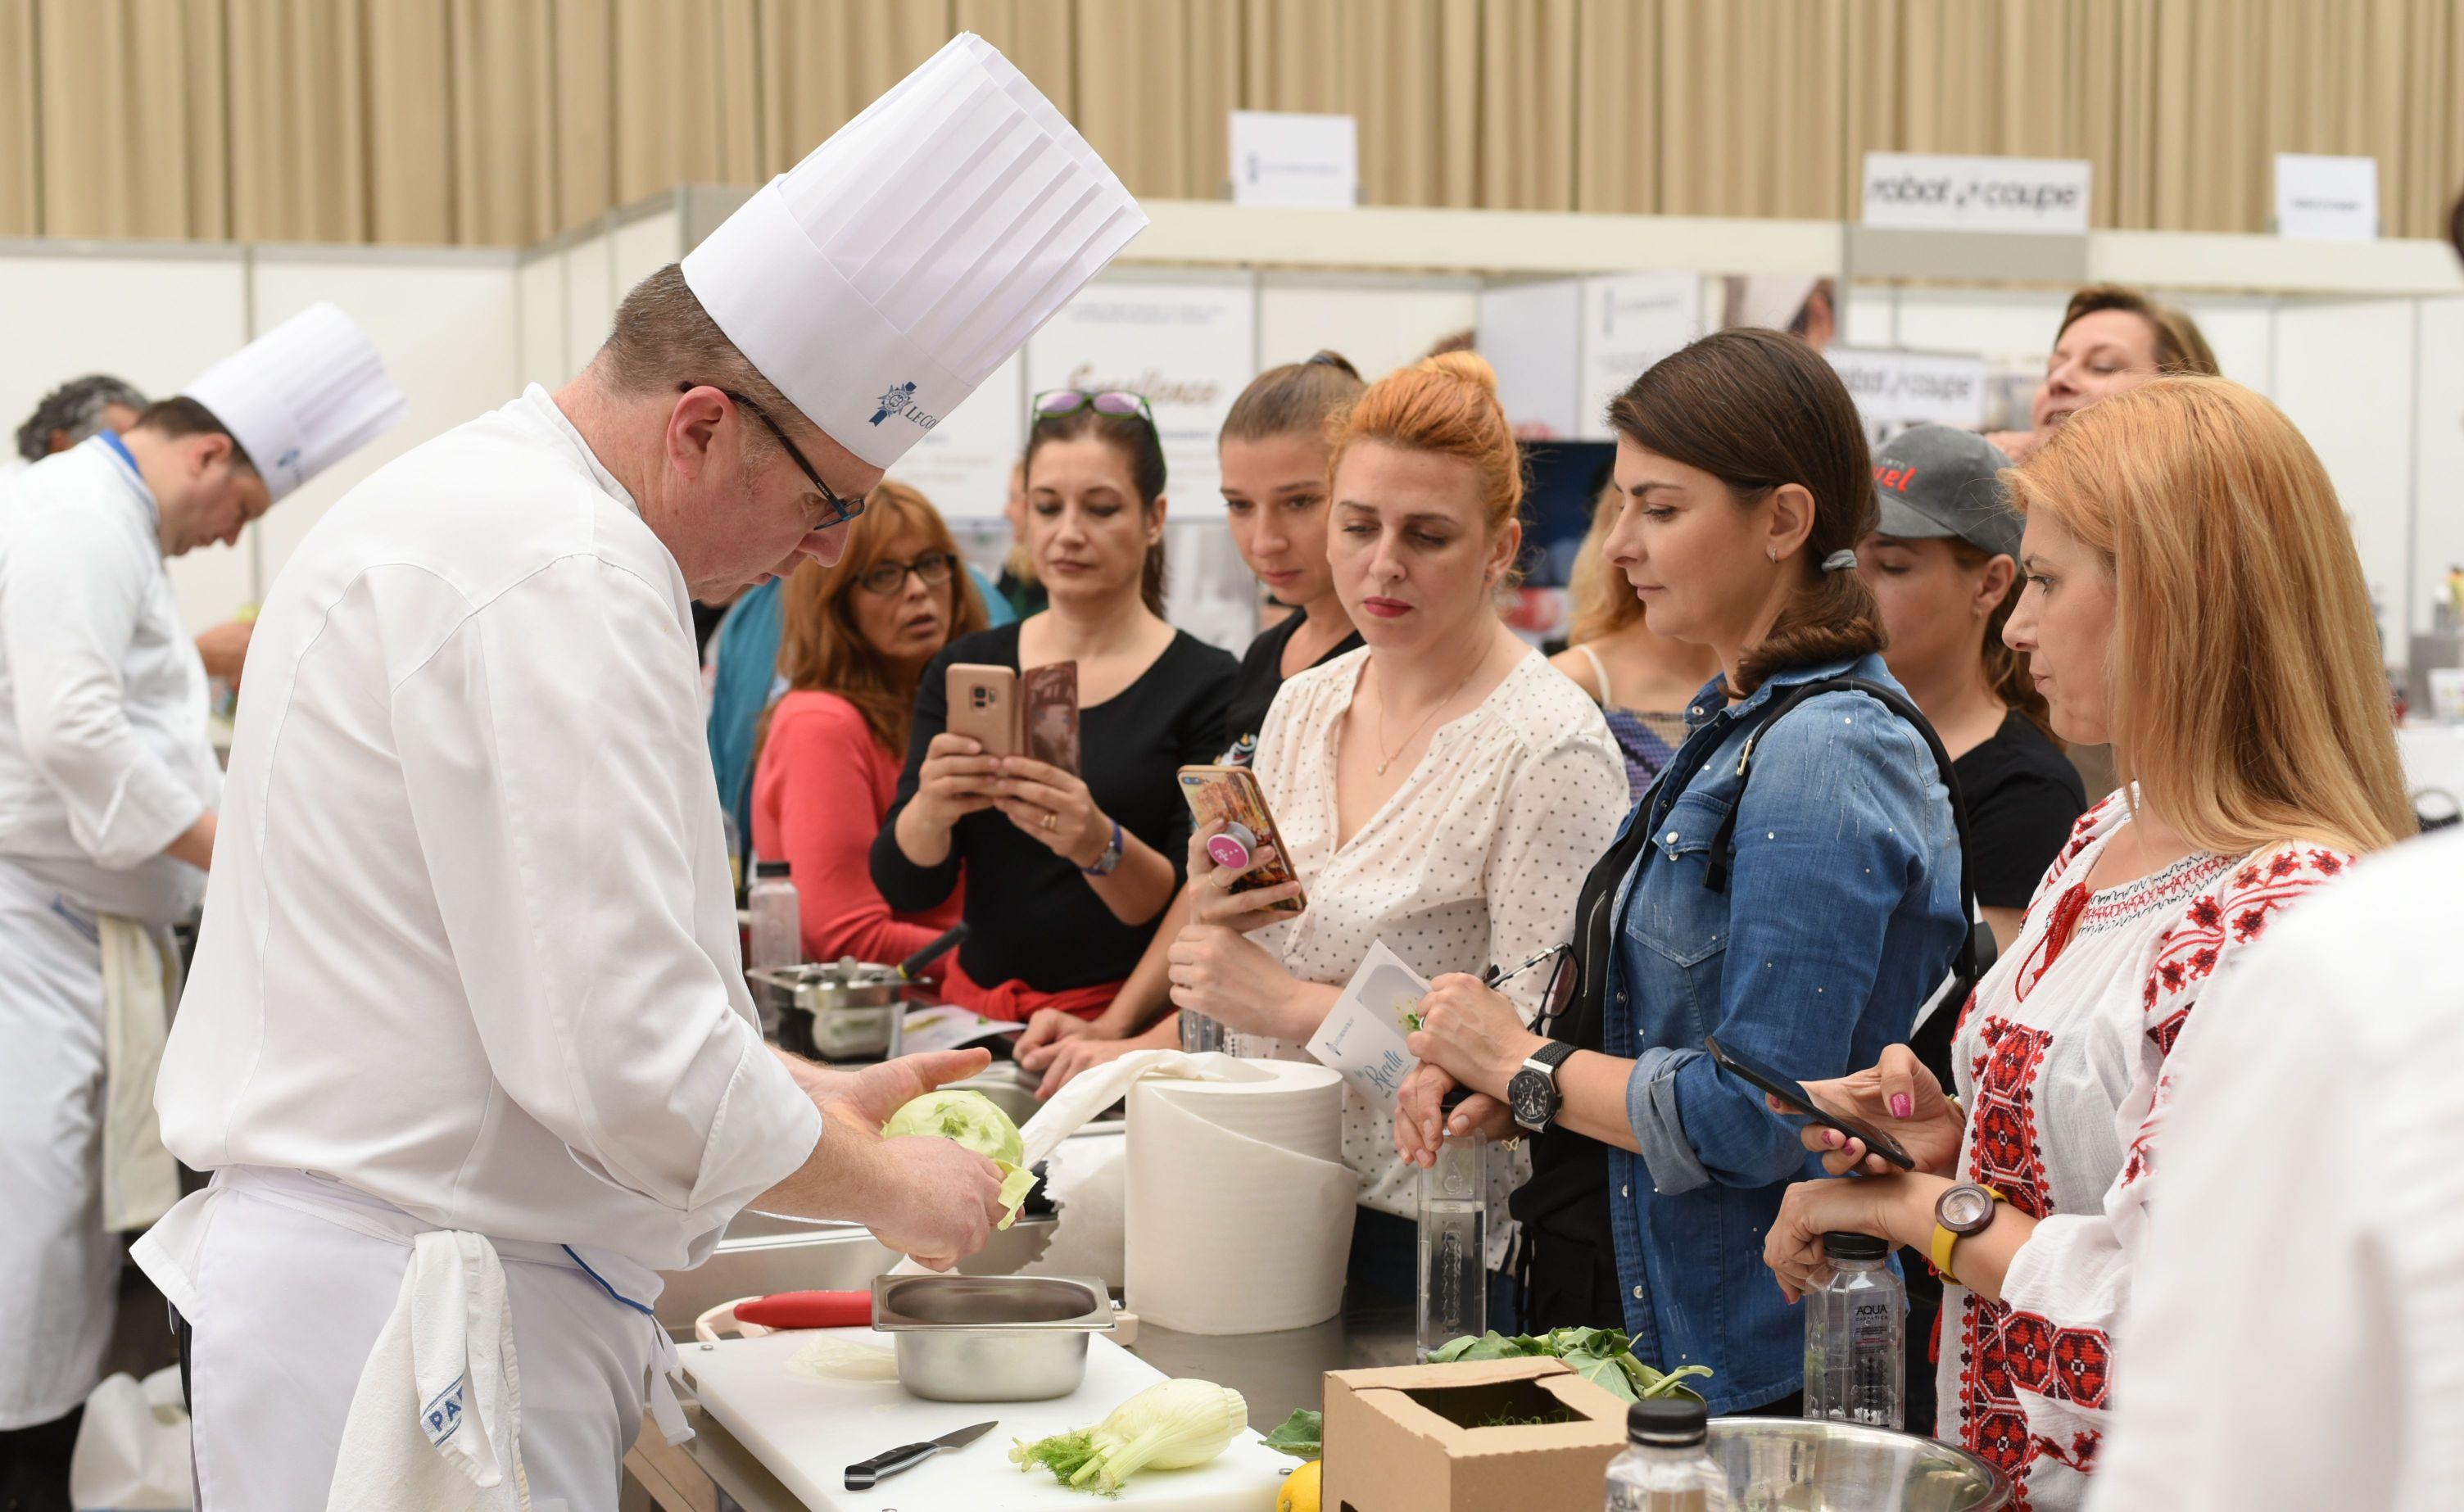 Sarbatoarea_Gustului_Salon_de_Gastronomie_52